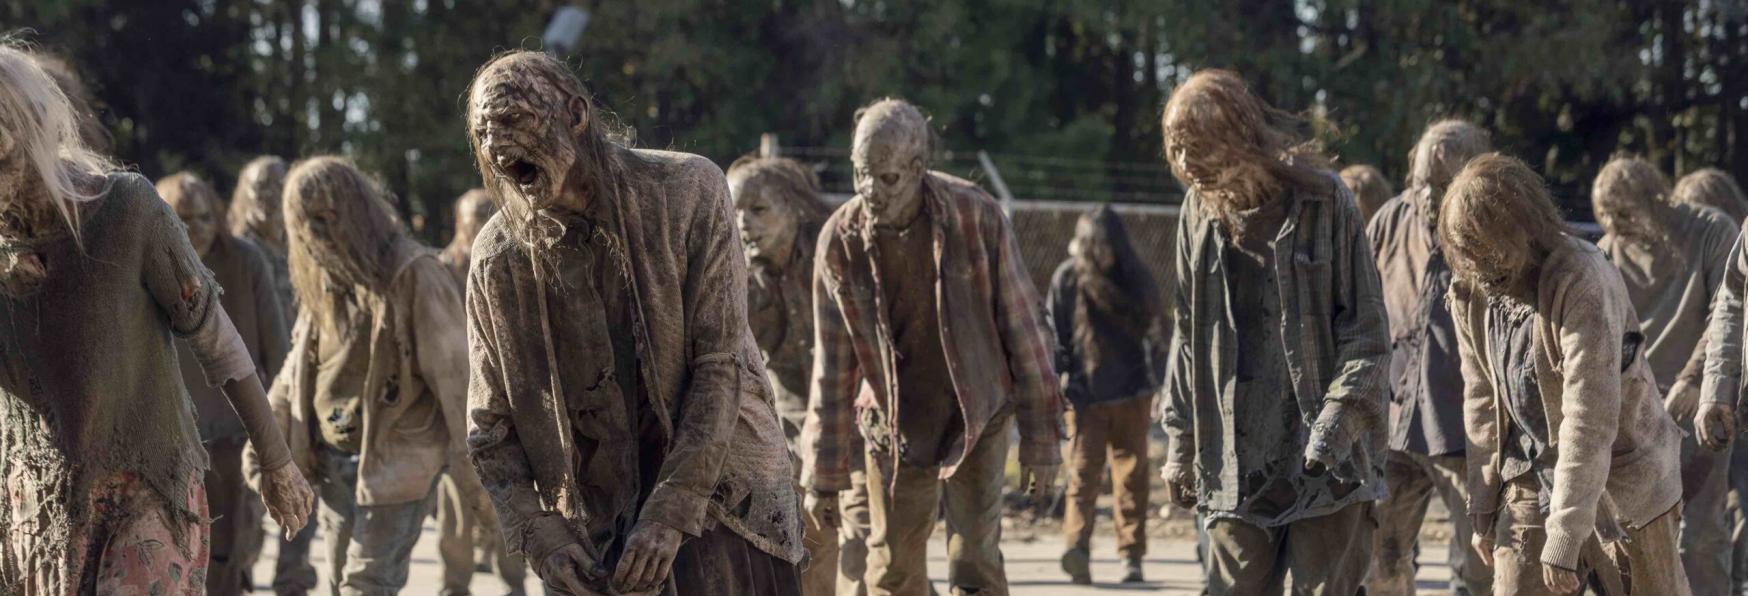 Tales of the Walking Dead: Confermata la Serie TV Spin-off. Arriverà nel 2022